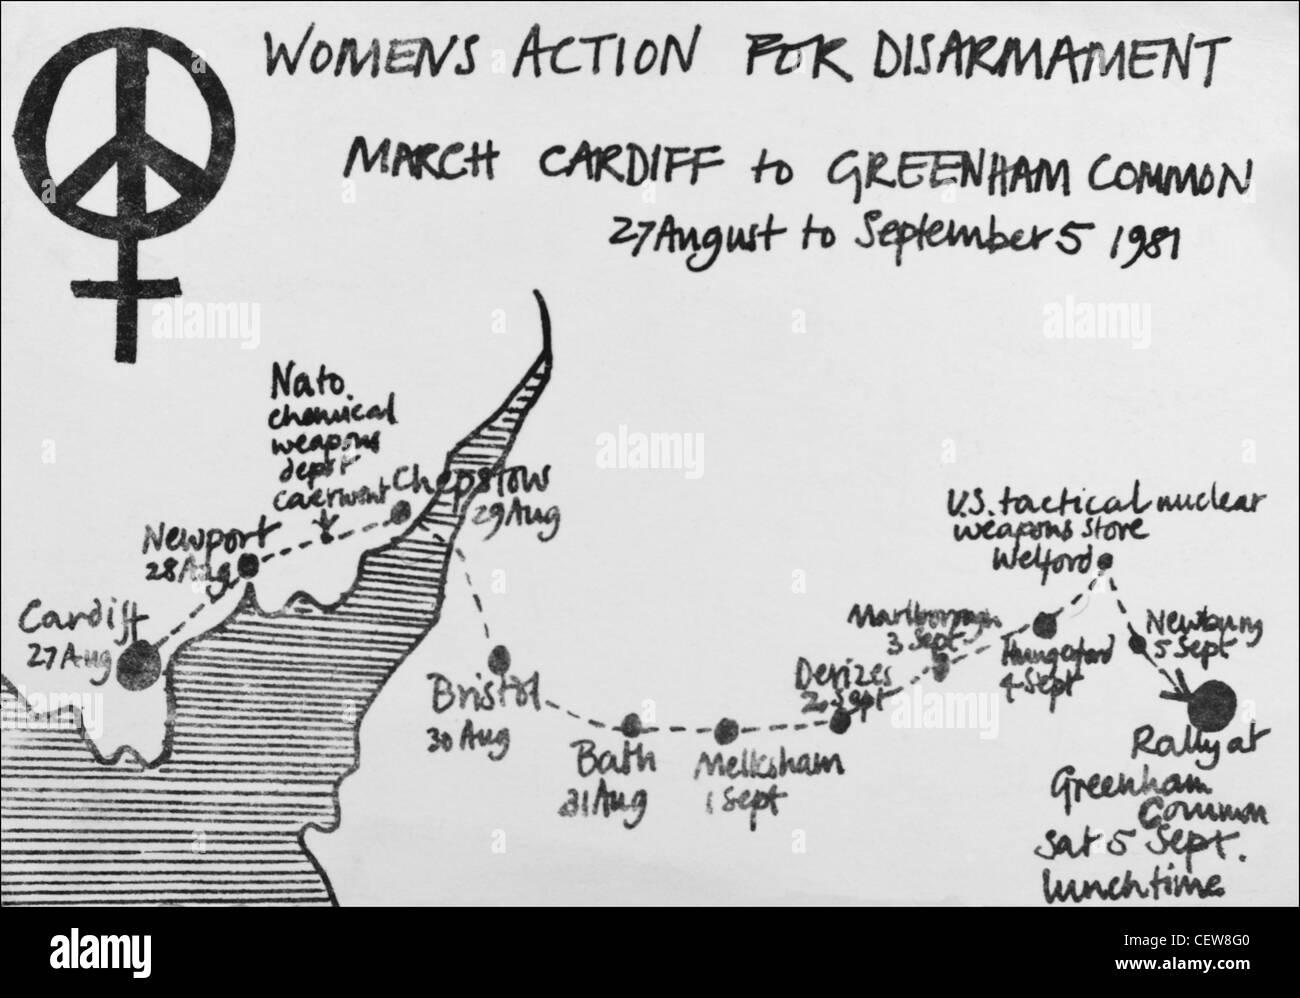 Carte postale de l'action des femmes pour le désarmement Cardiff à Greenham Common CND mars paix 27 Photo Stock